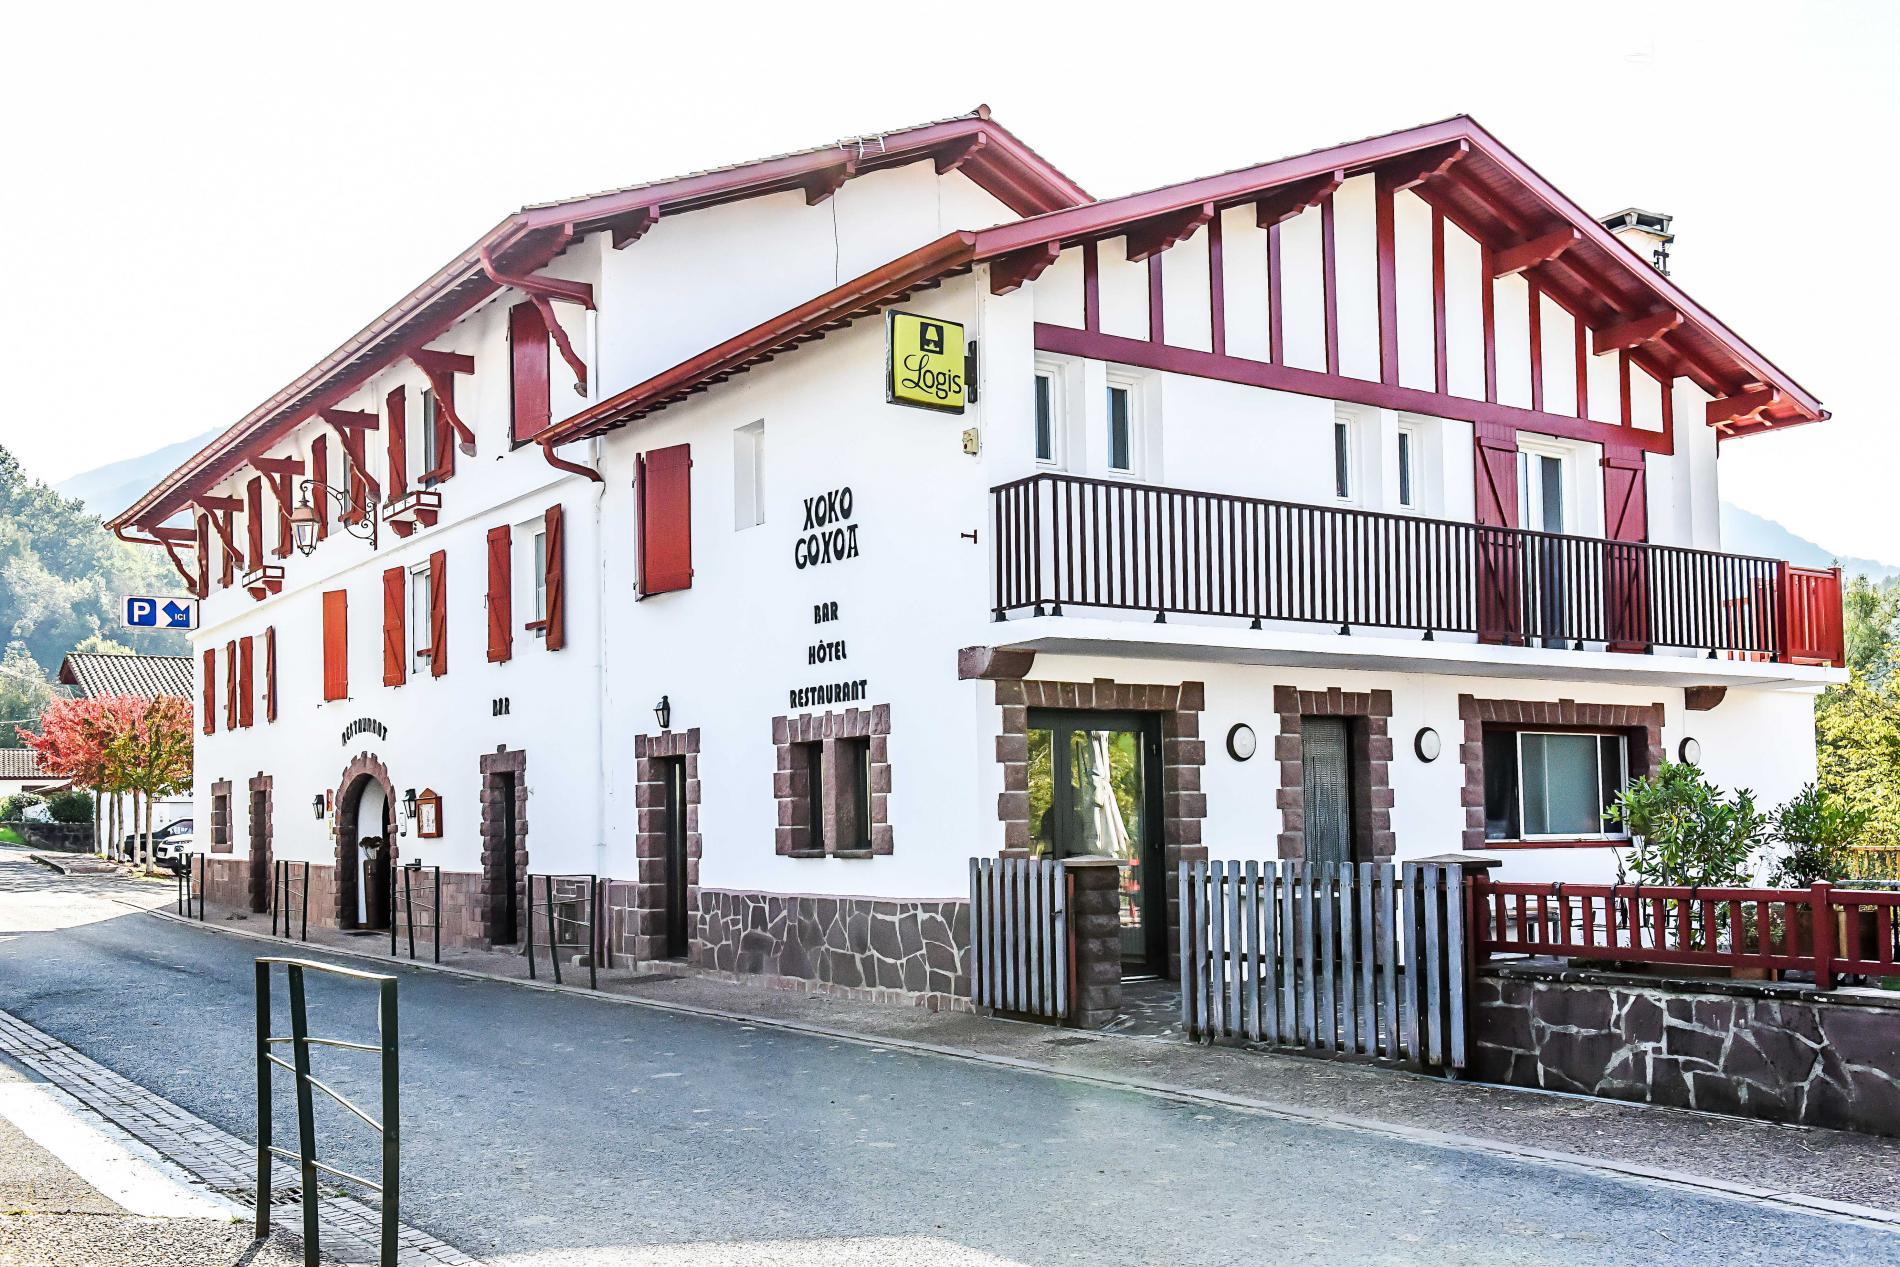 LOGIS Hôtel XOKO GOXOA Pays basque Saint-Jean Pied de Port